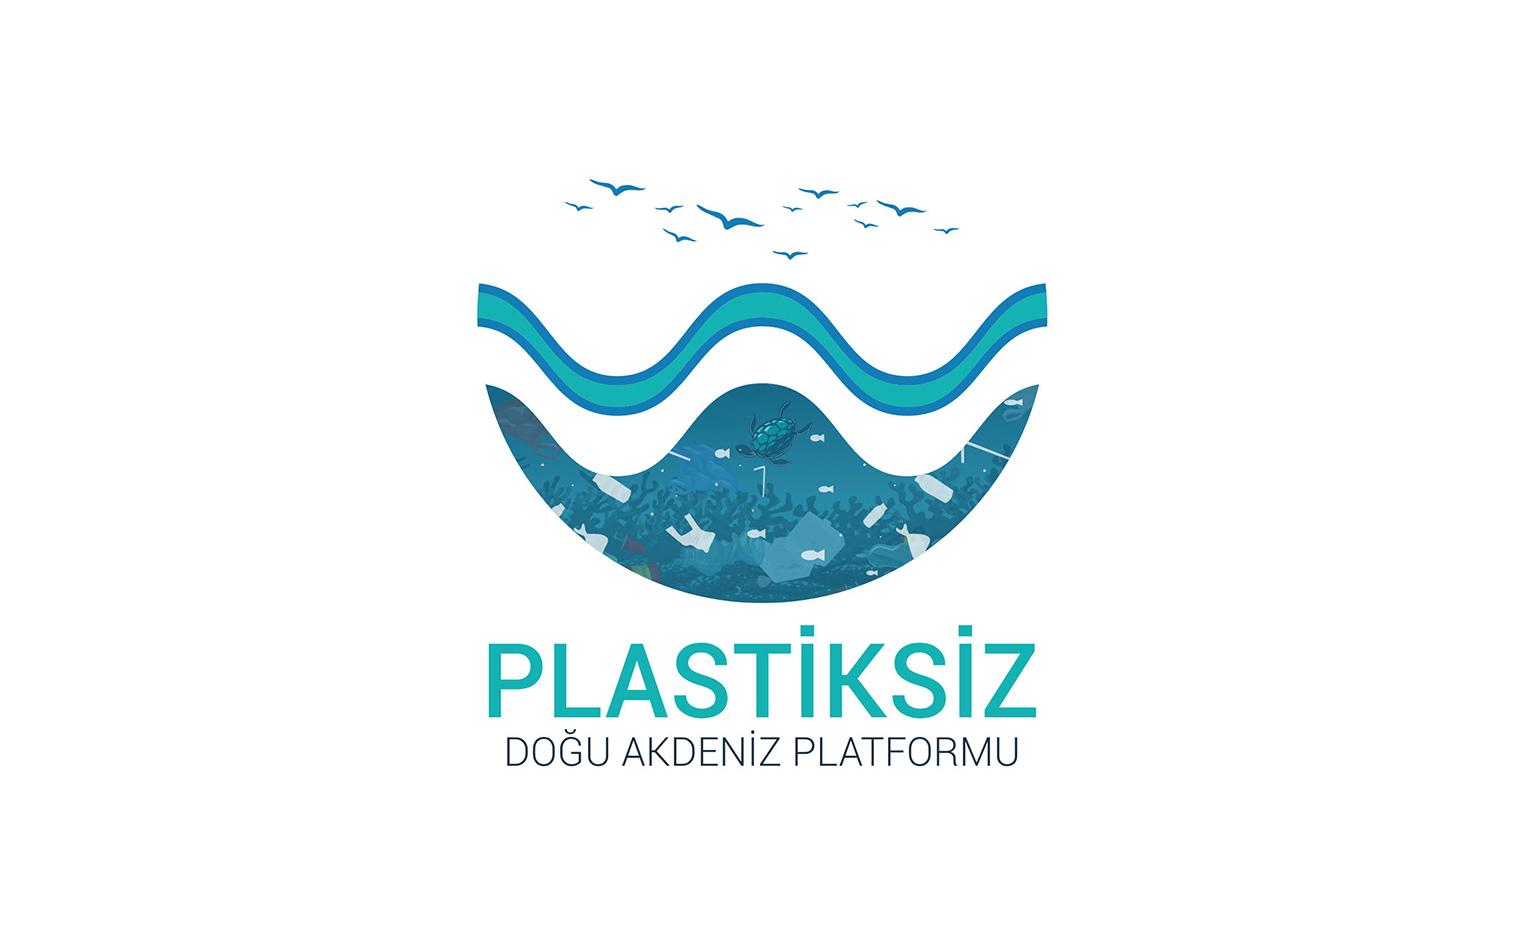 Plastiksiz Doğu Akdeniz Platformu'ndan Ortak Bildiri